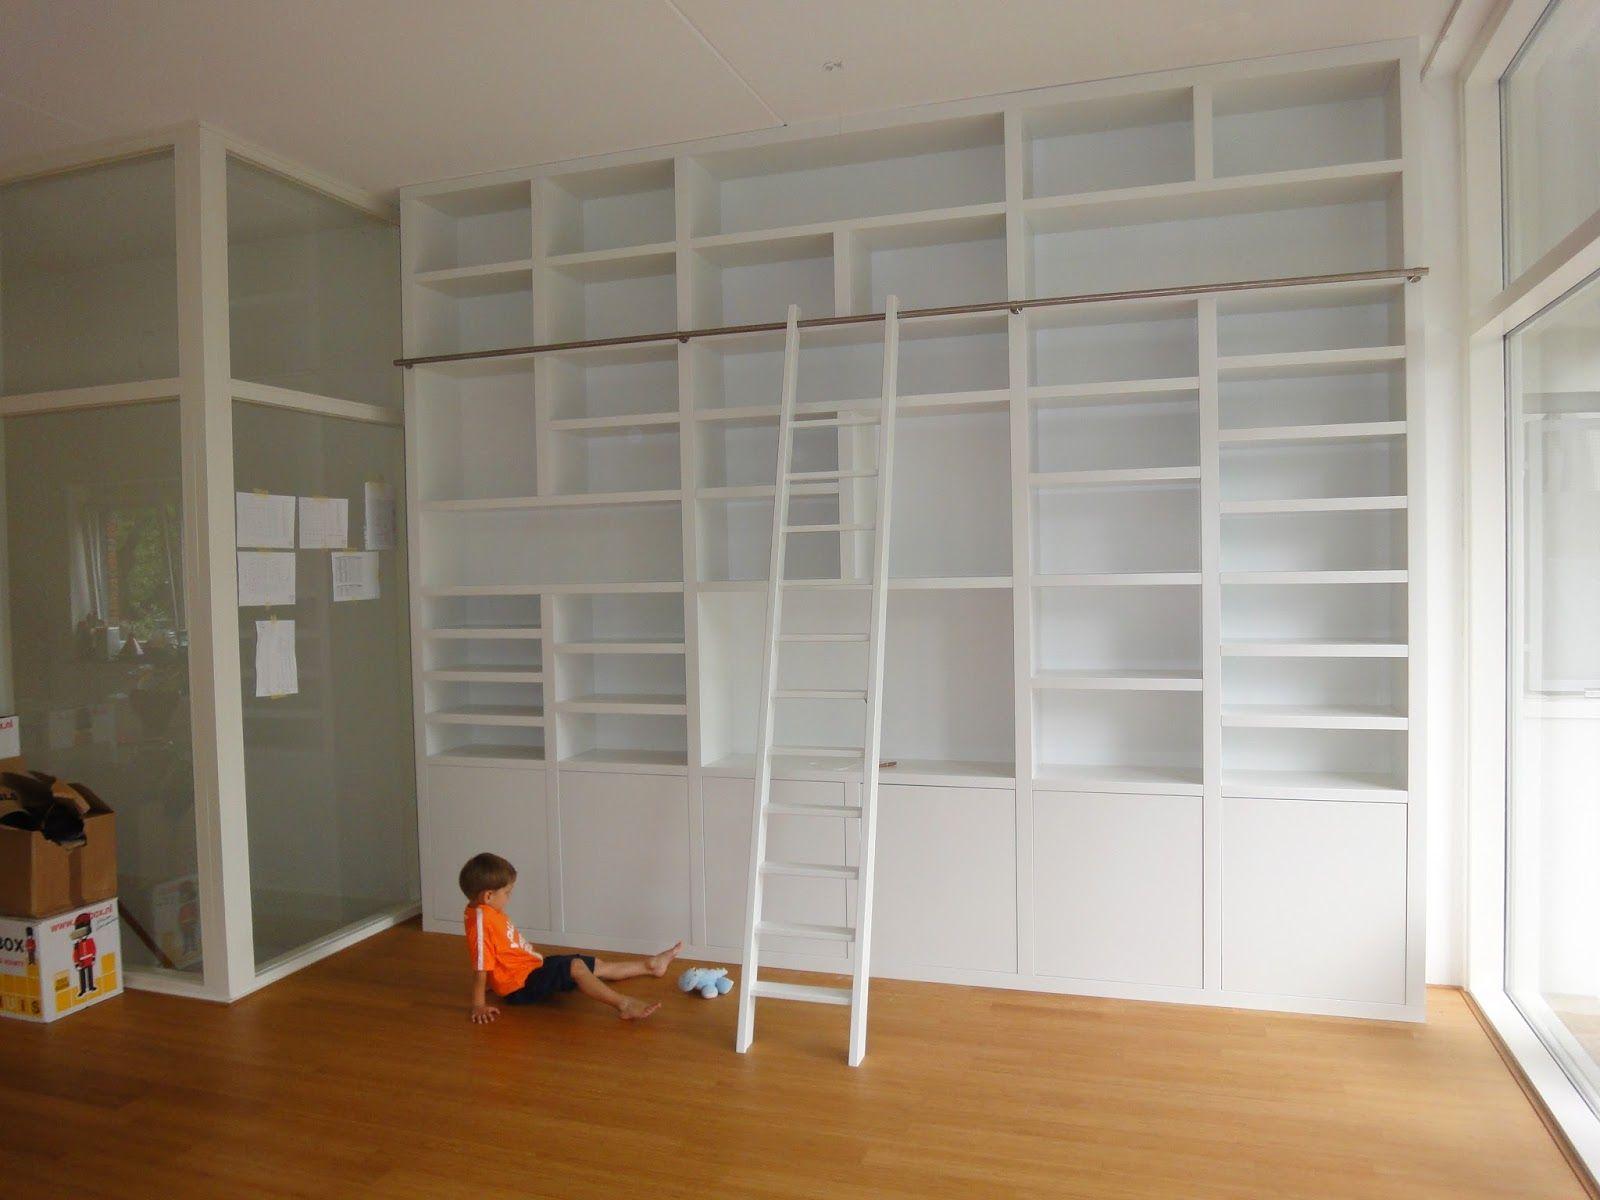 Mooie plafond hoge wandkast op maat gemaakt bookshelves in